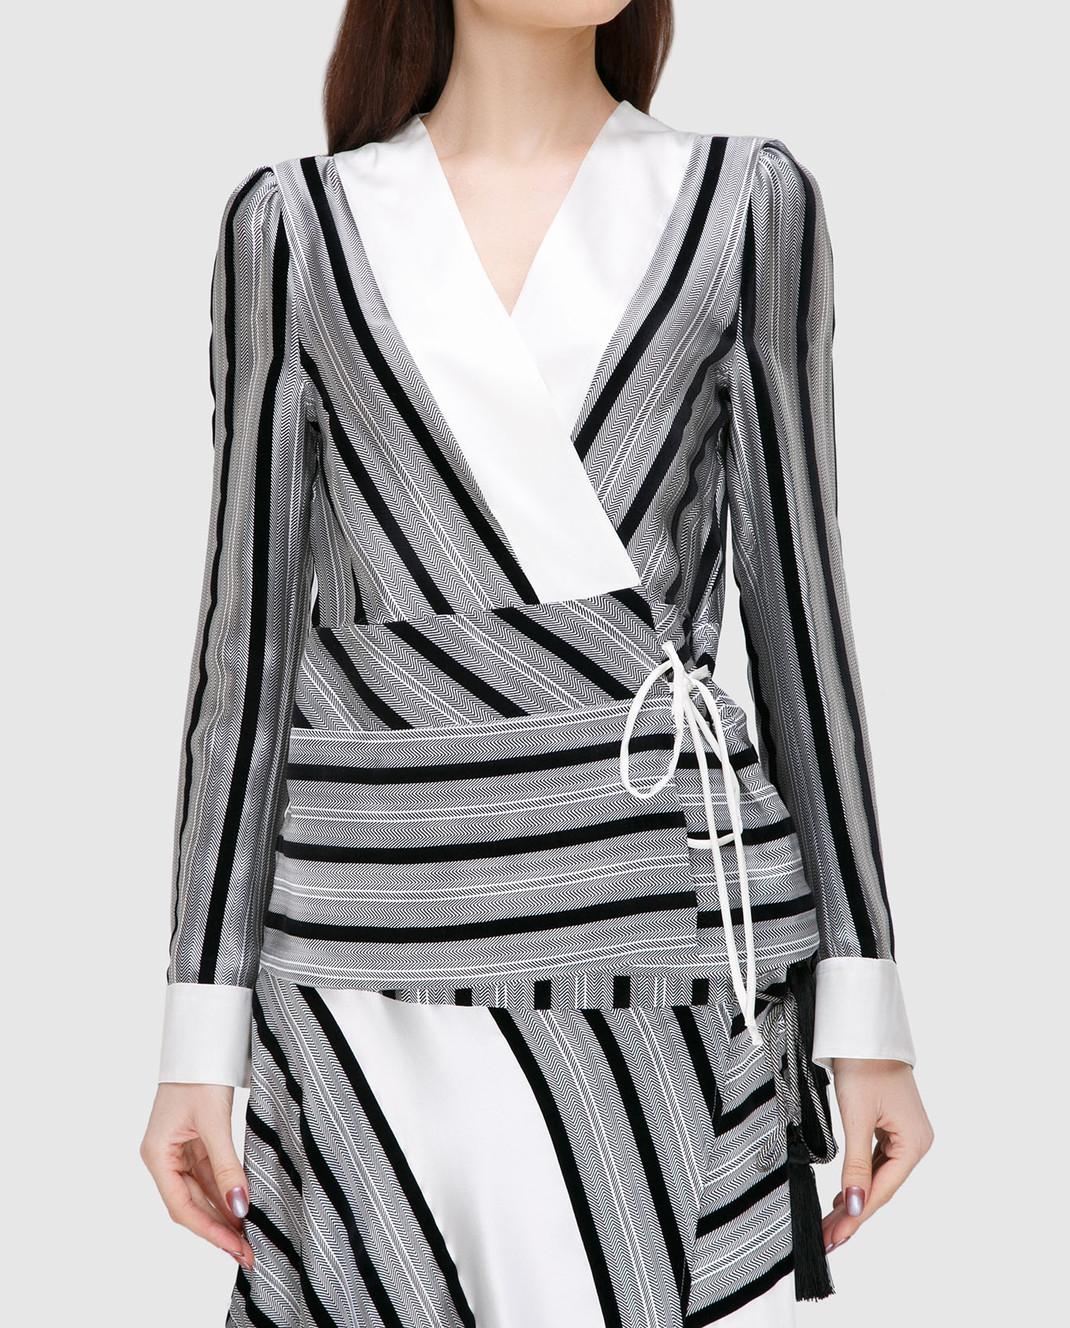 Etro Серая блуза из шелка D16097 изображение 3